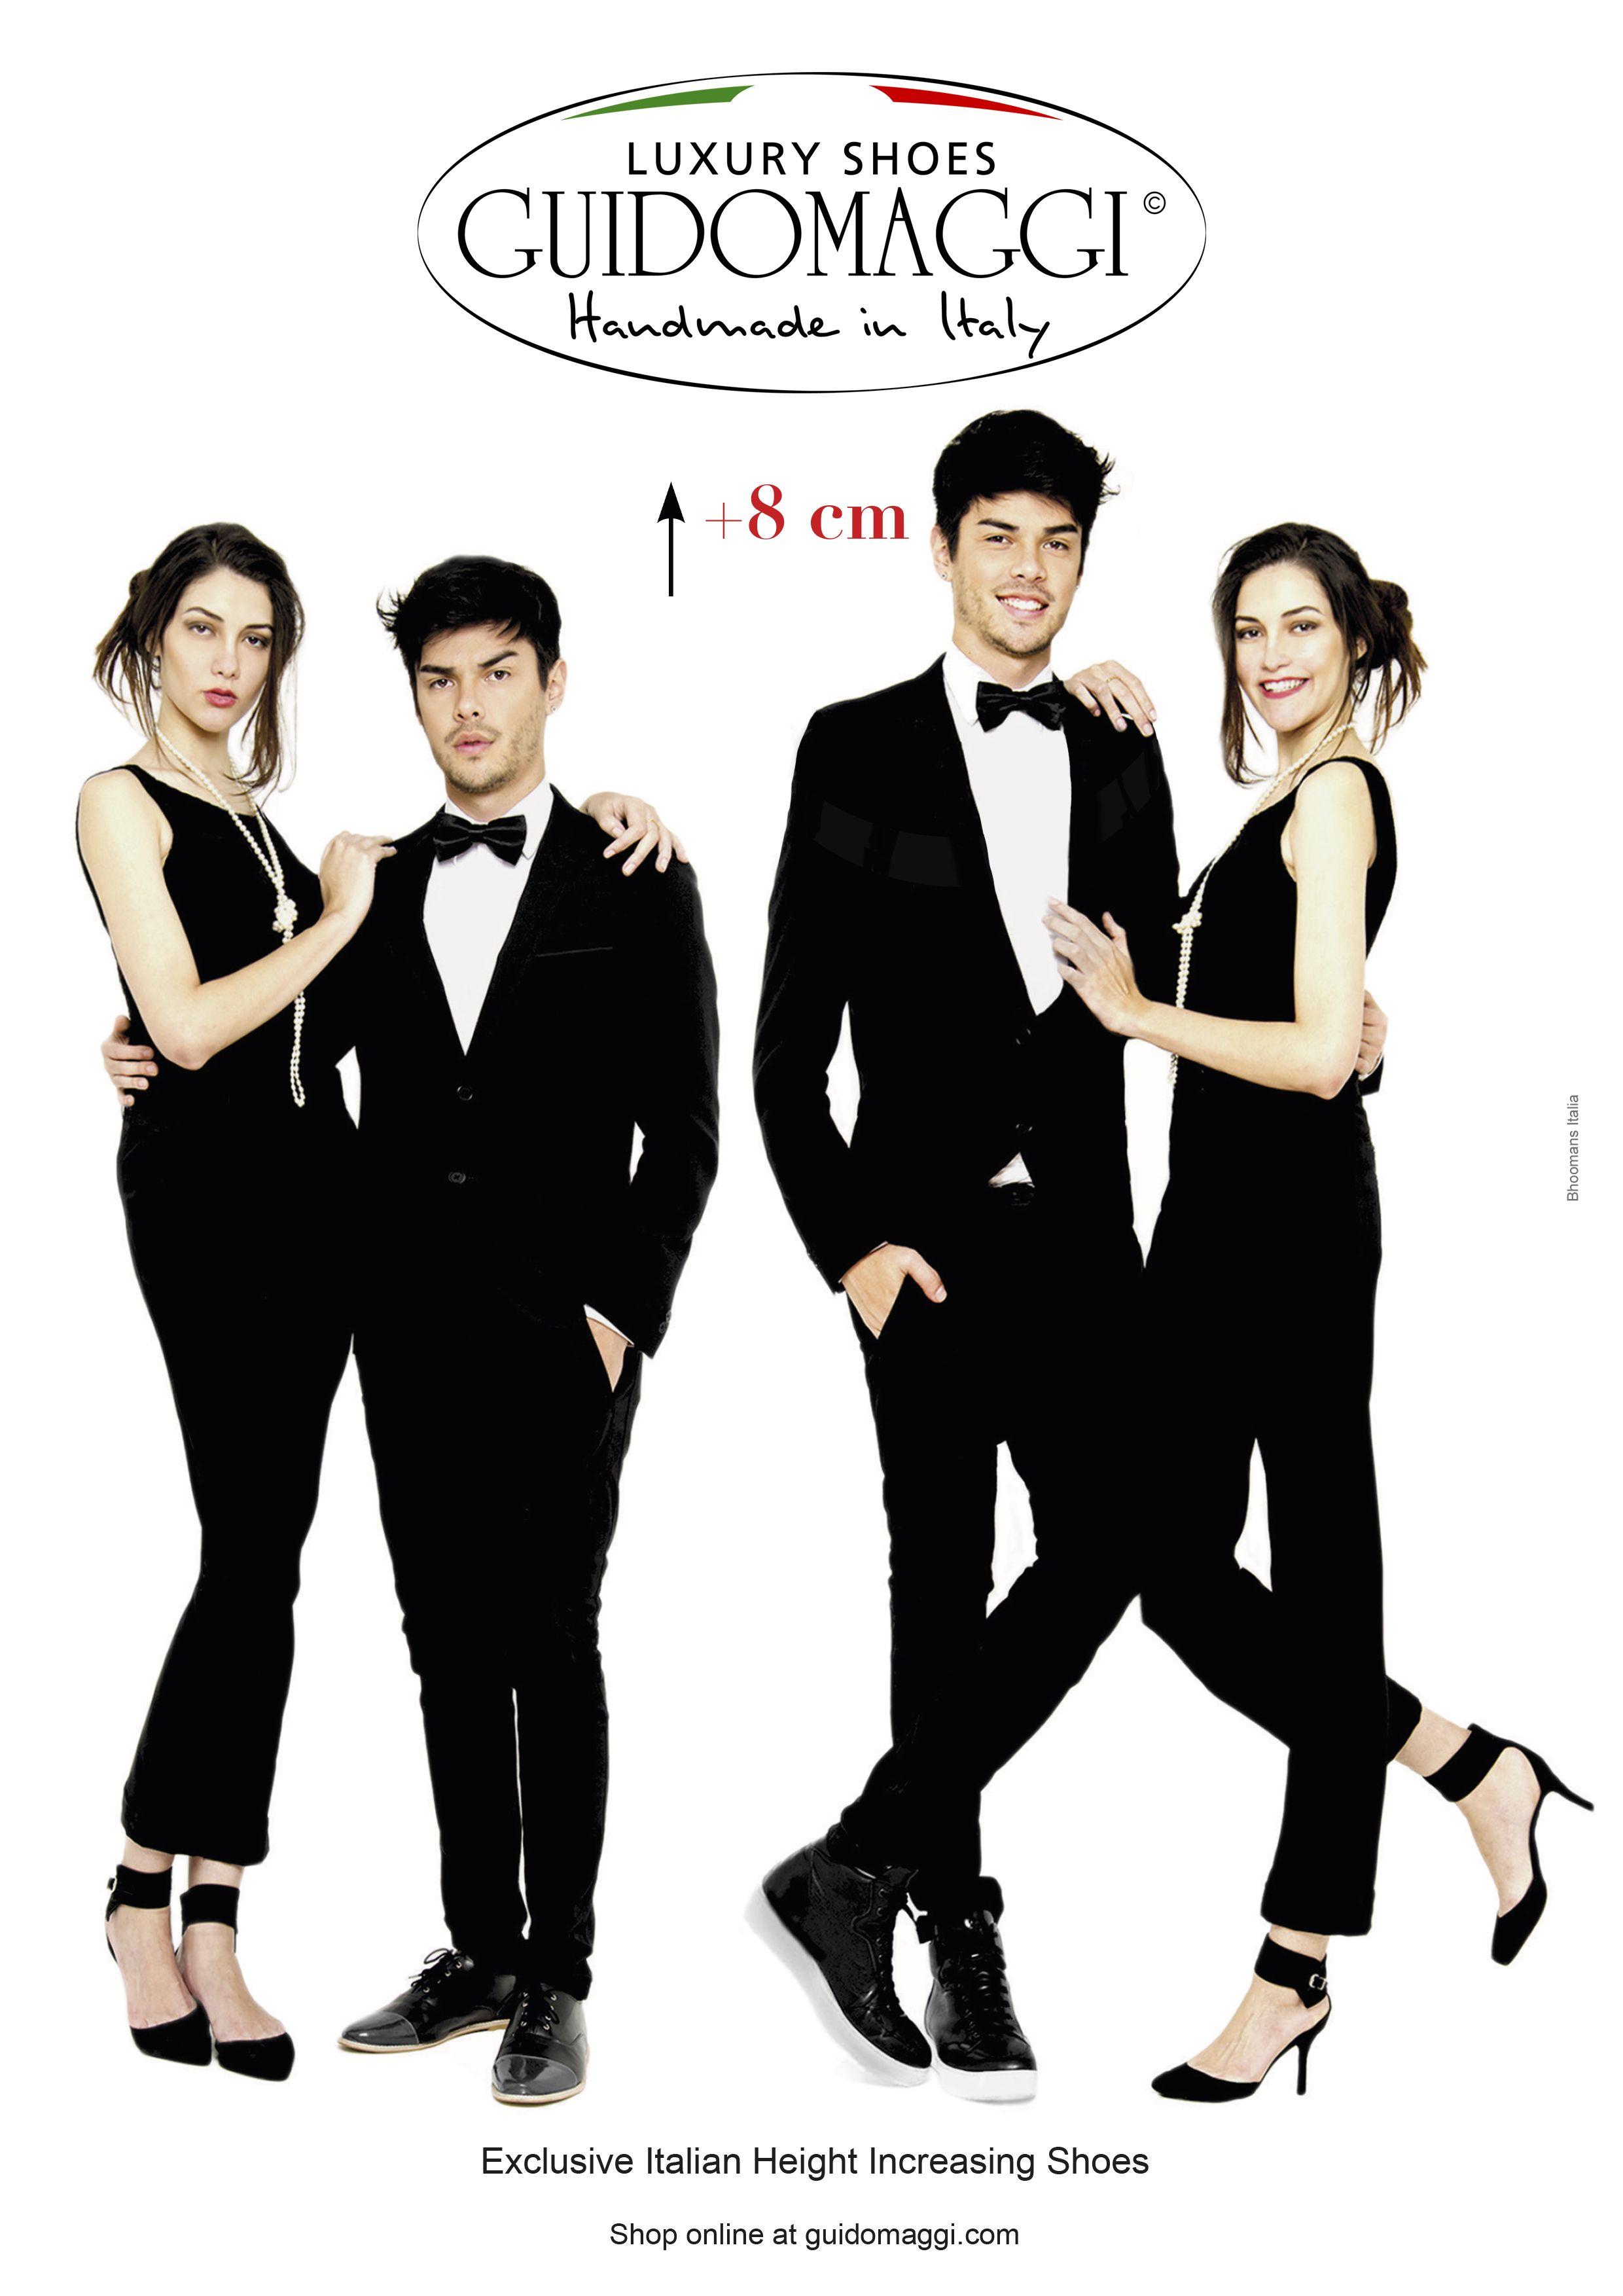 a9c1297e869 Guidomaggi Luxury elevator shoes - AlItalia magazine